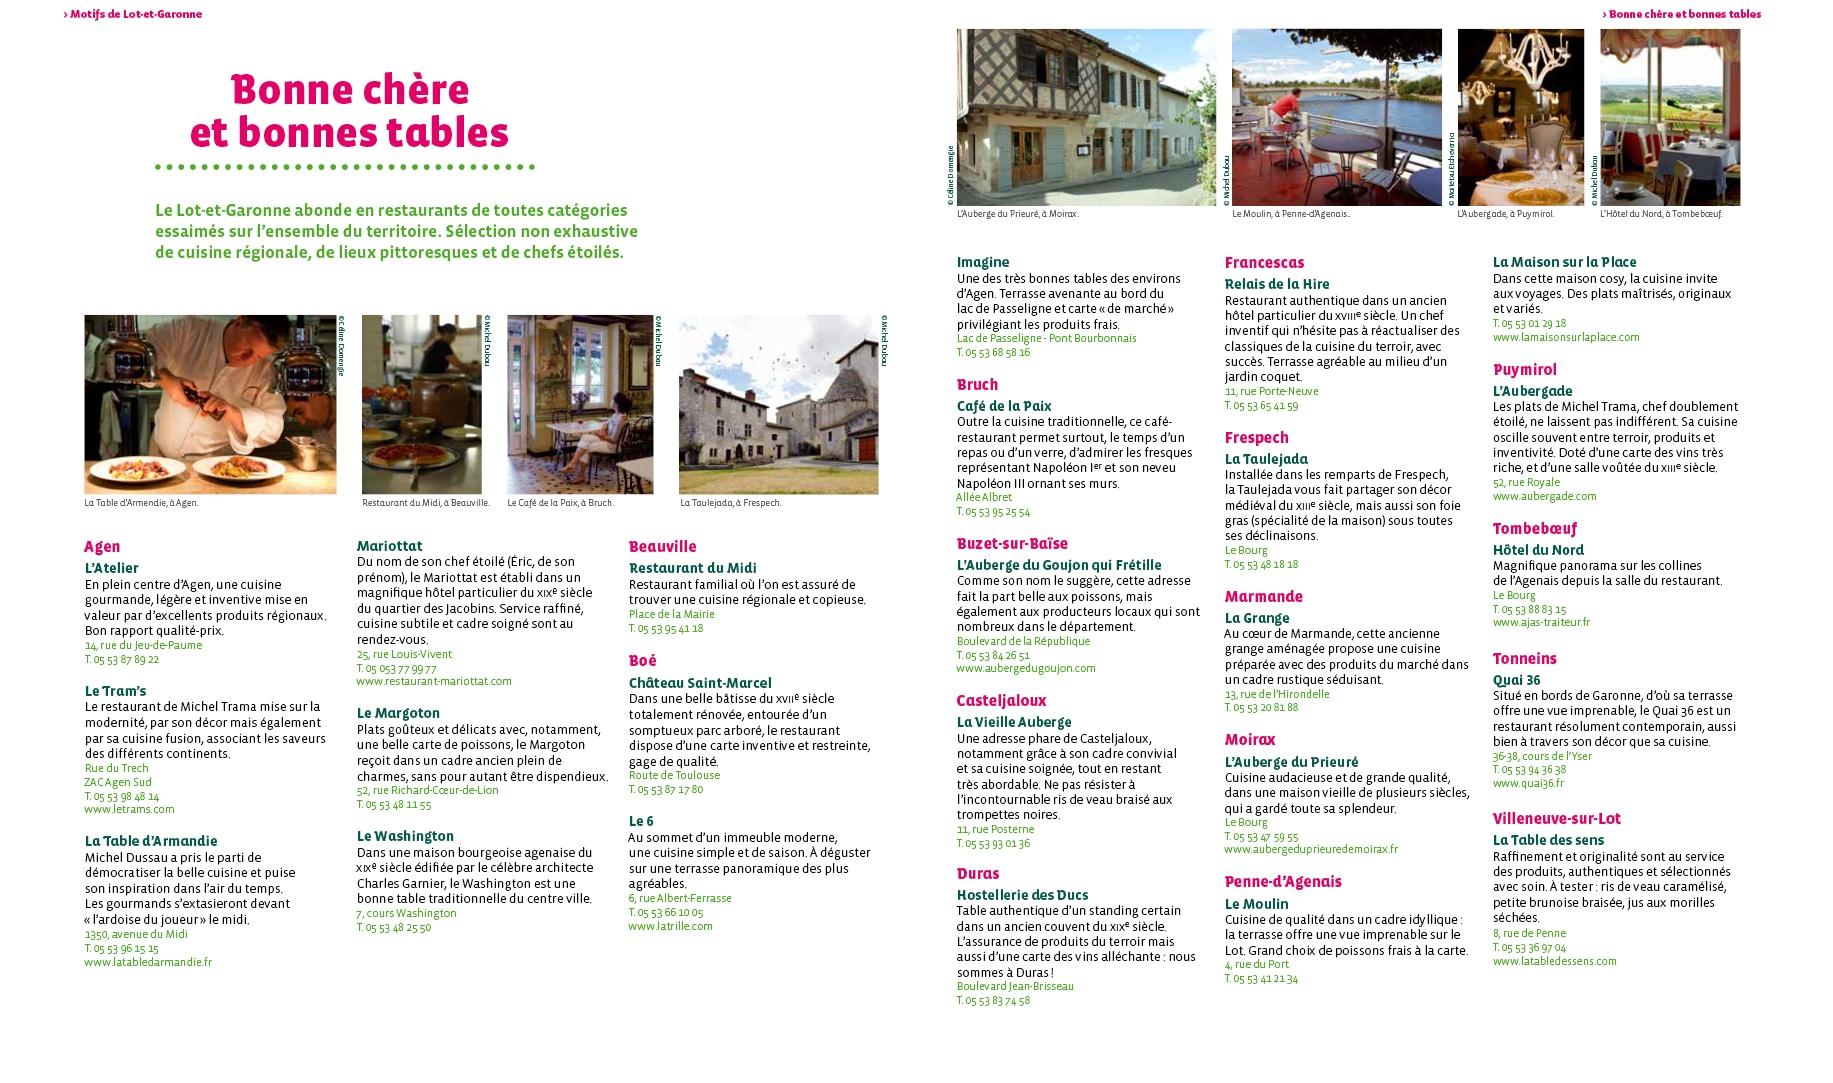 Le Lot-et-Garonne en 101 sites et monuments - Le Festin